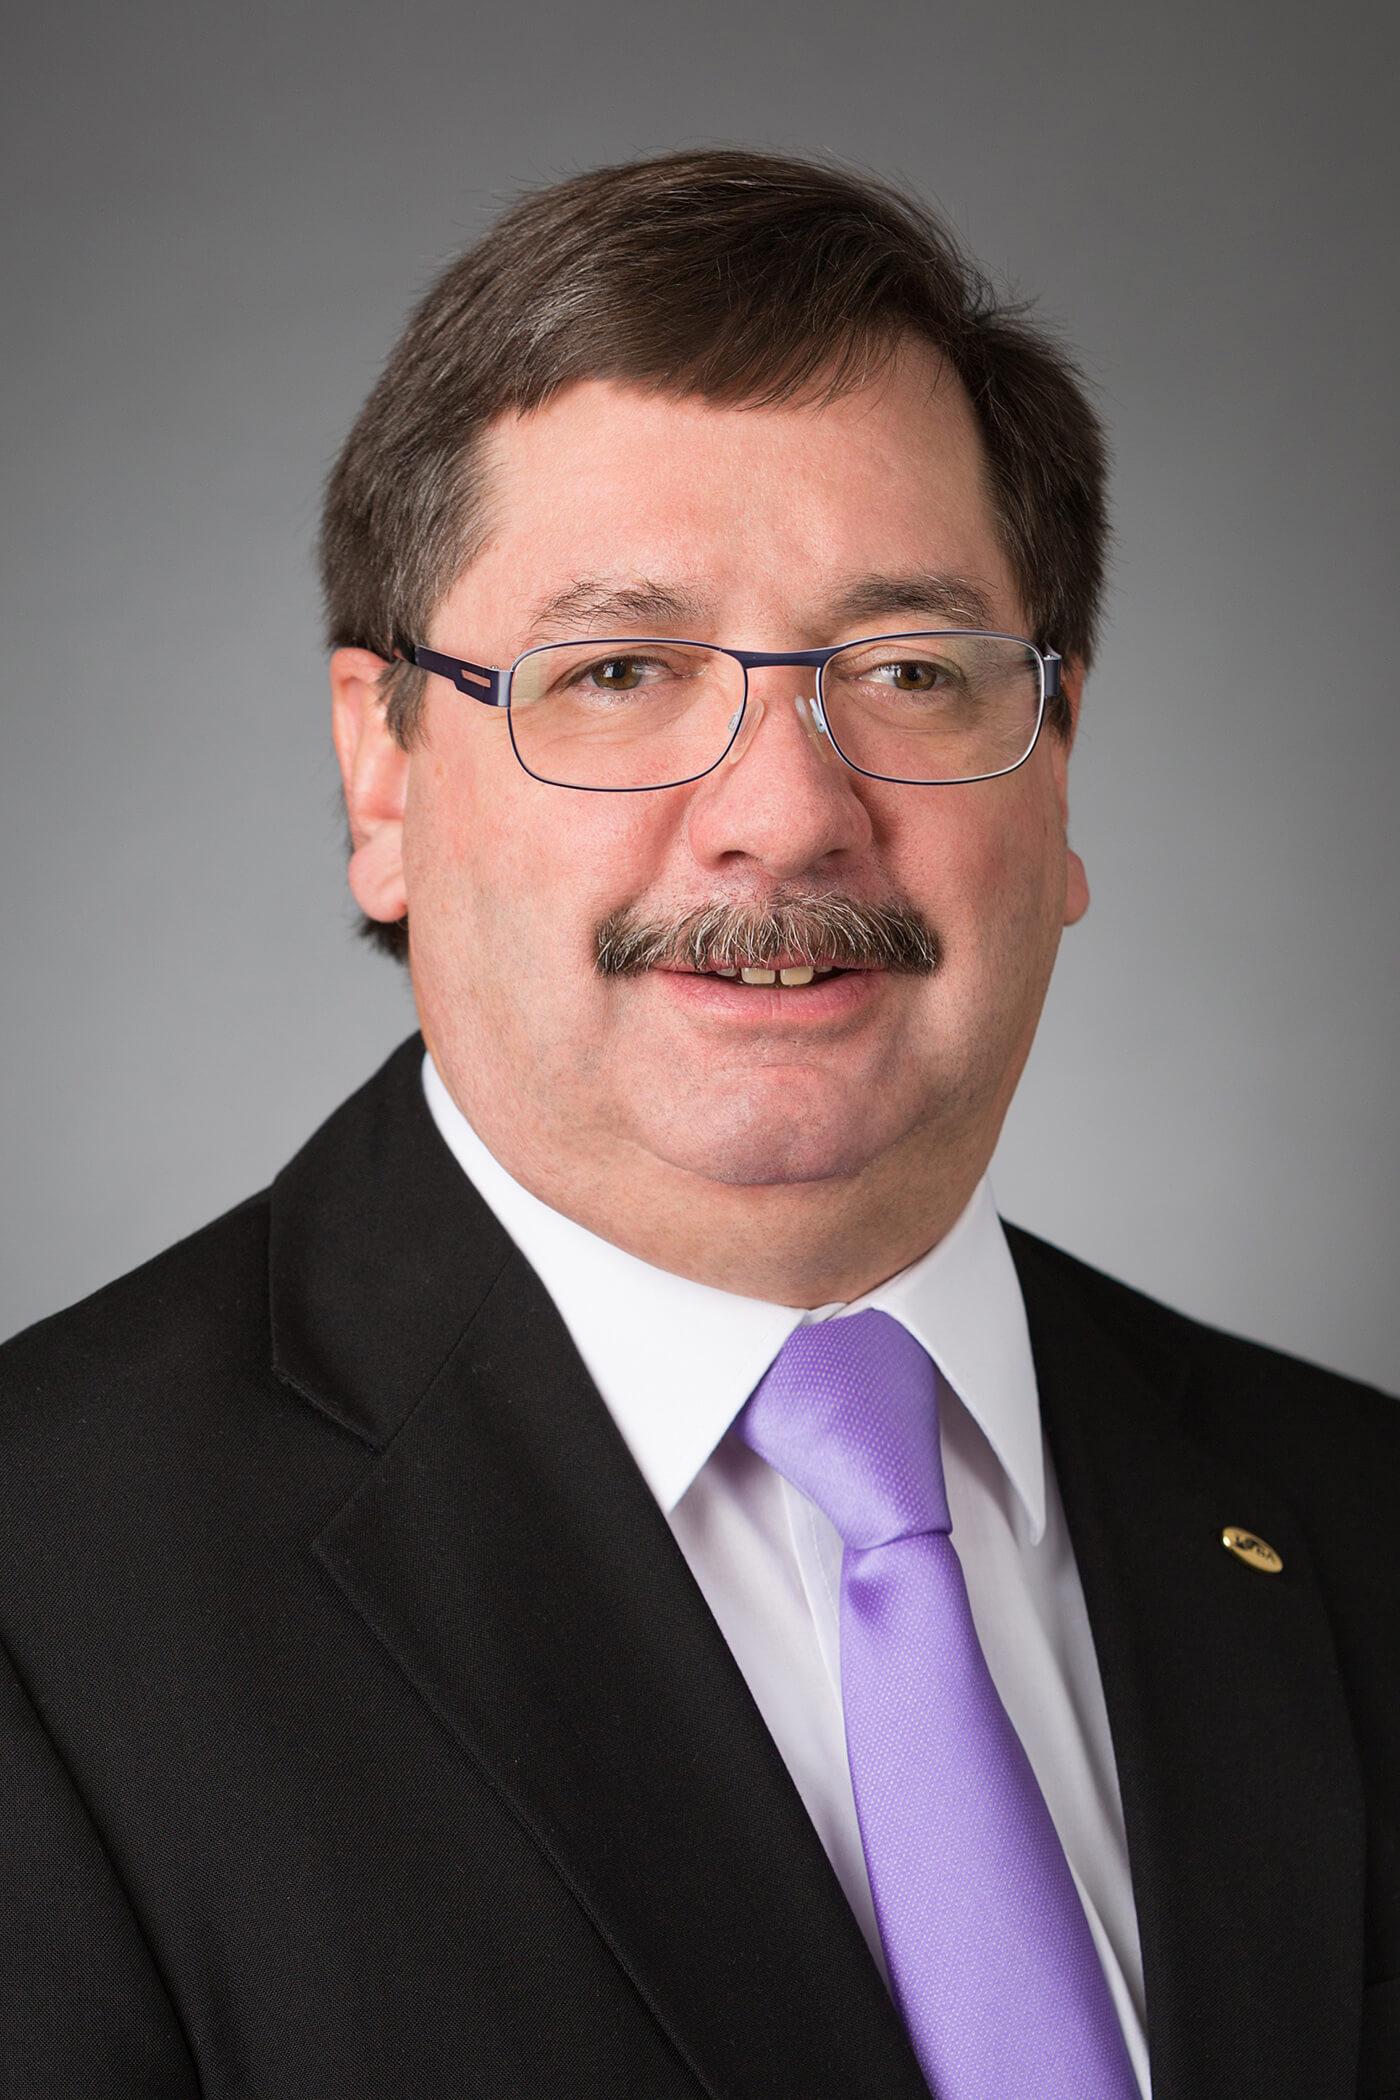 Michael Lahr